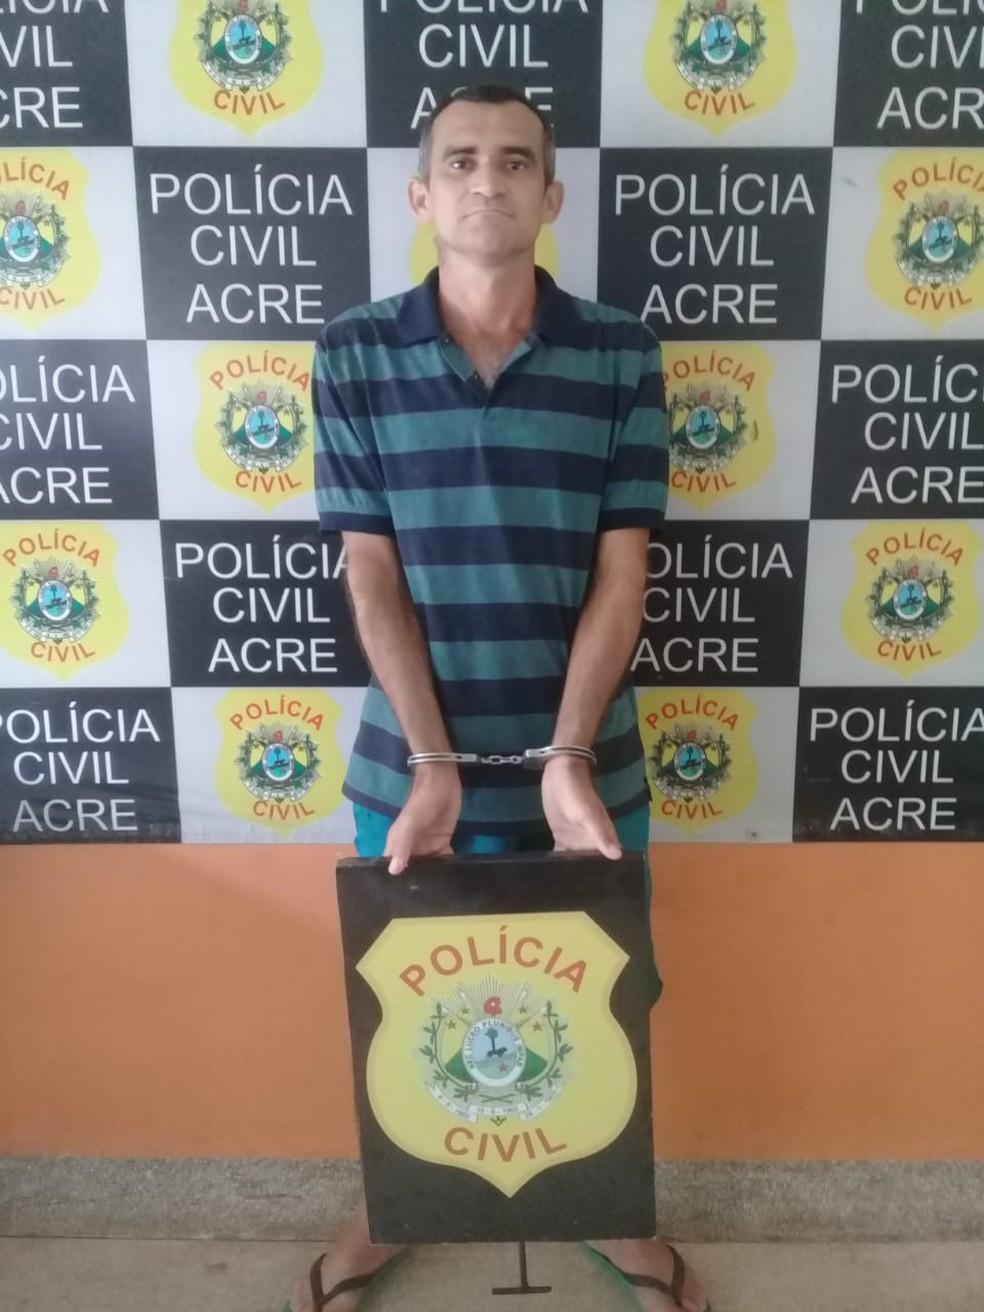 Valdecir Souza foi preso nesta sexta-feira (27) em Cruzeiro do Sul — Foto: Divulgação/Polícia Civil do Acre